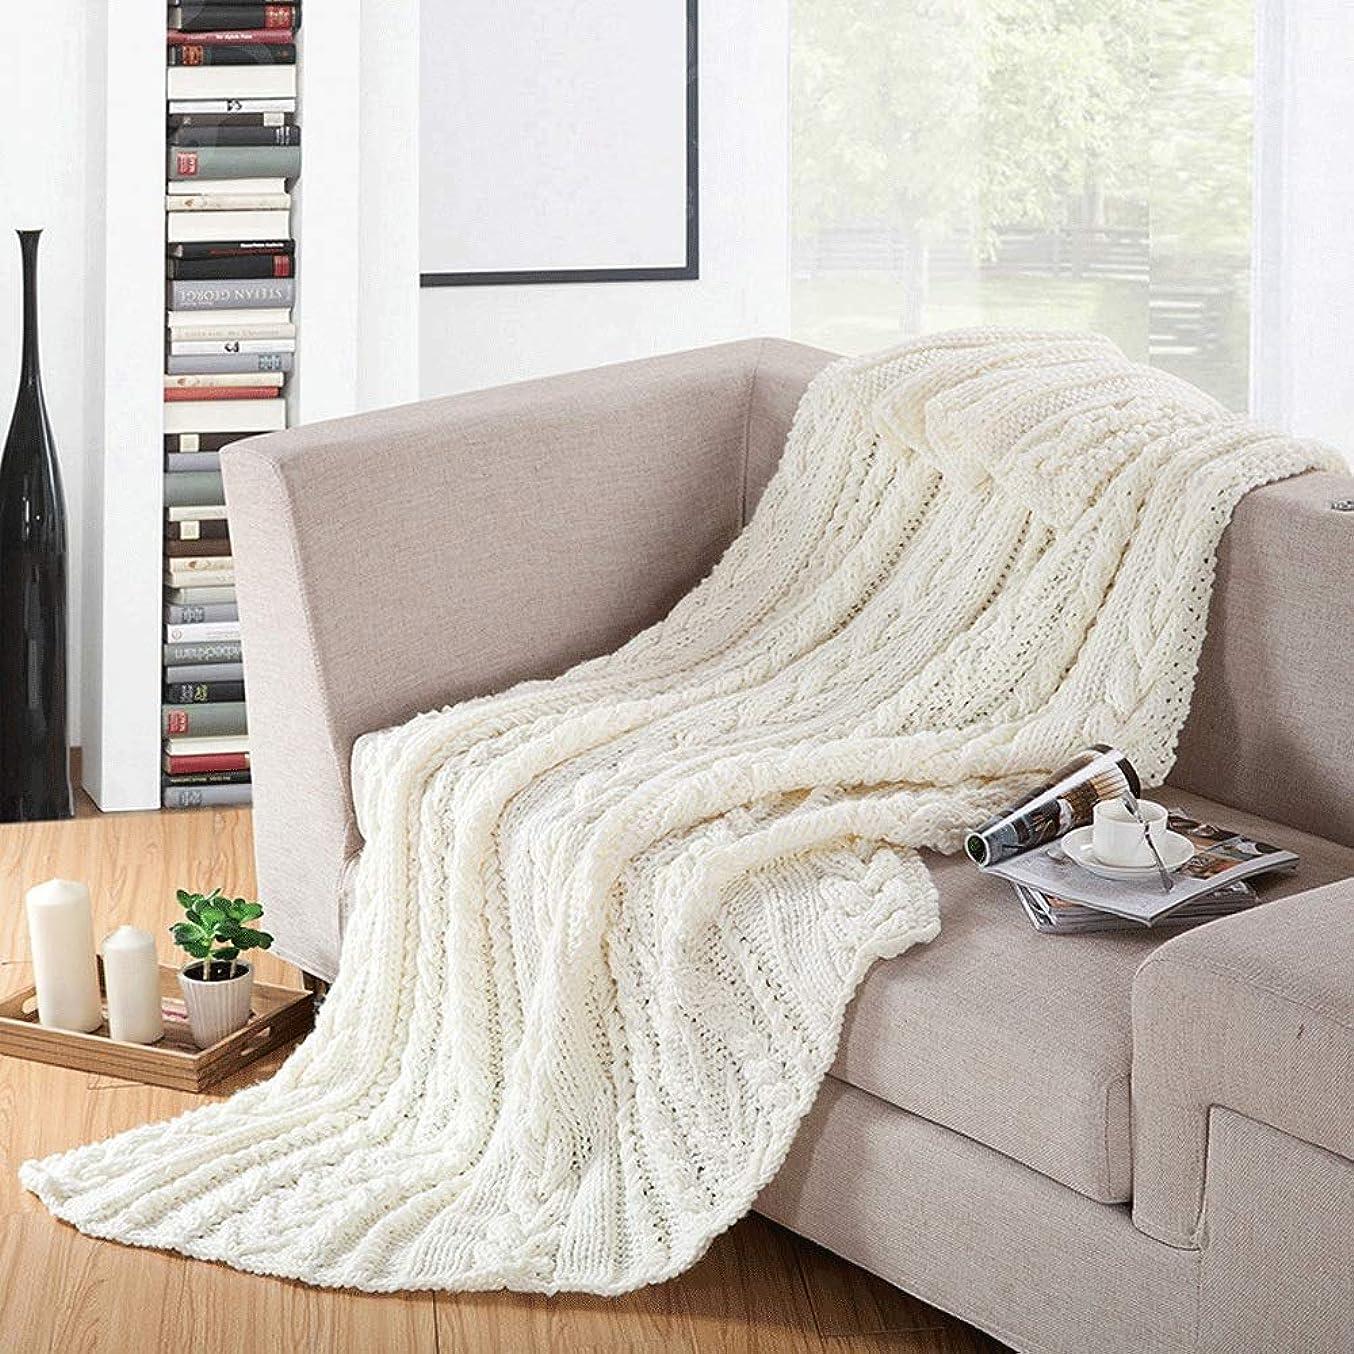 知的しかしながら警告するソフトカウチ毛布 毛布を編むスロー毛布多機能レジャー毛布ソファ毛布 ルームベッドルームビーチトラベル (Color : White, Size : 180cmx200cm)